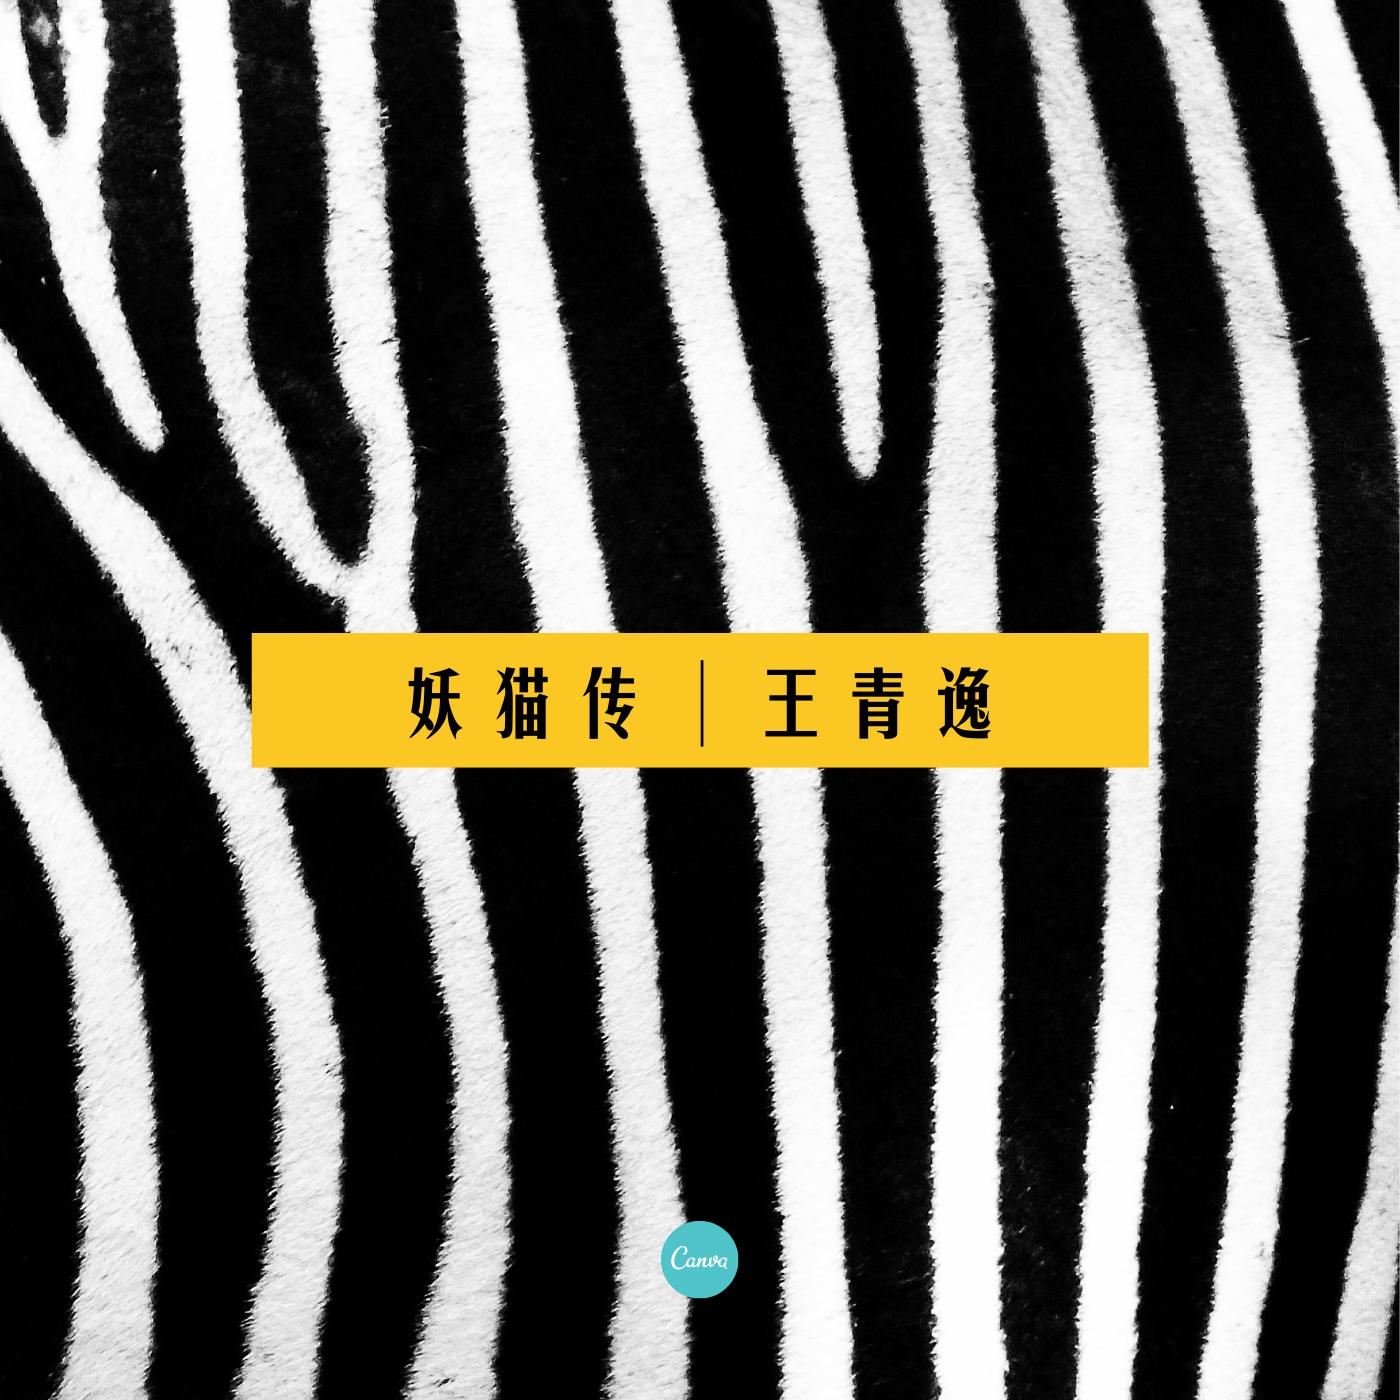 明日之星-王青逸